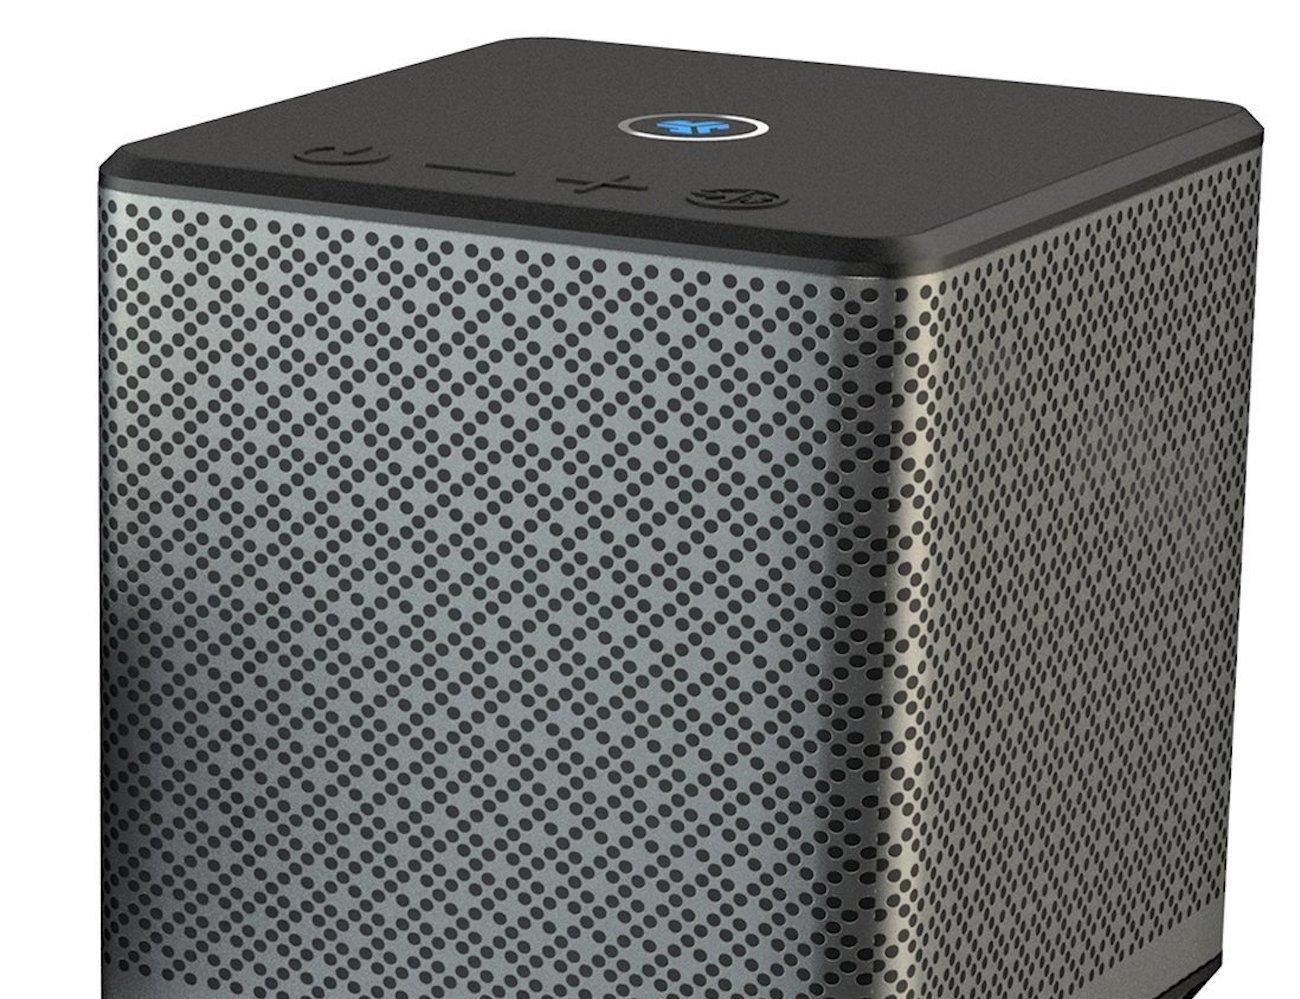 Block Party Wireless Multi-Room Speaker